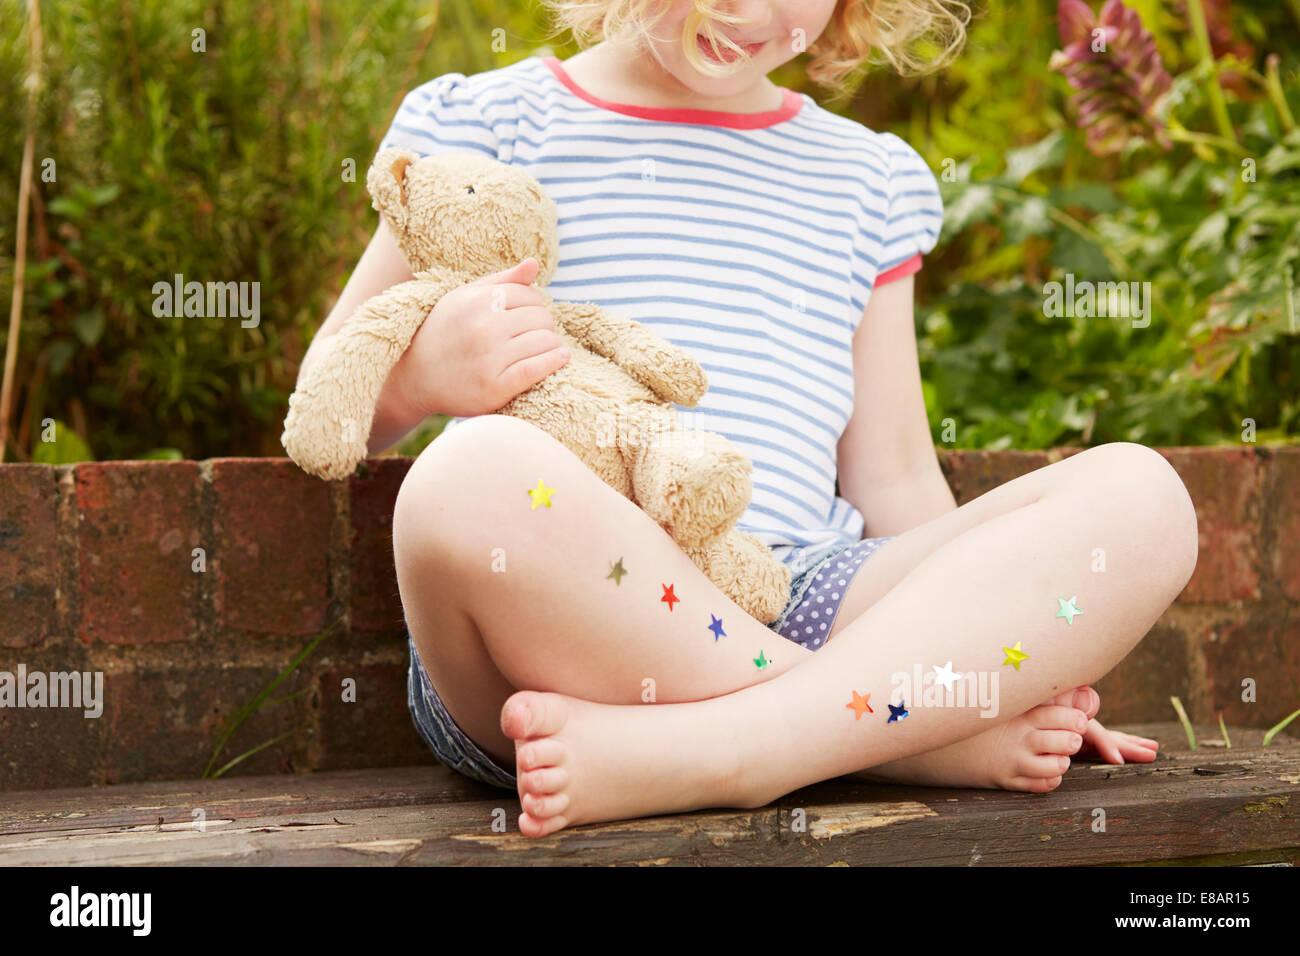 Chica en el asiento de jardín con star pegatinas en las piernas Foto de stock